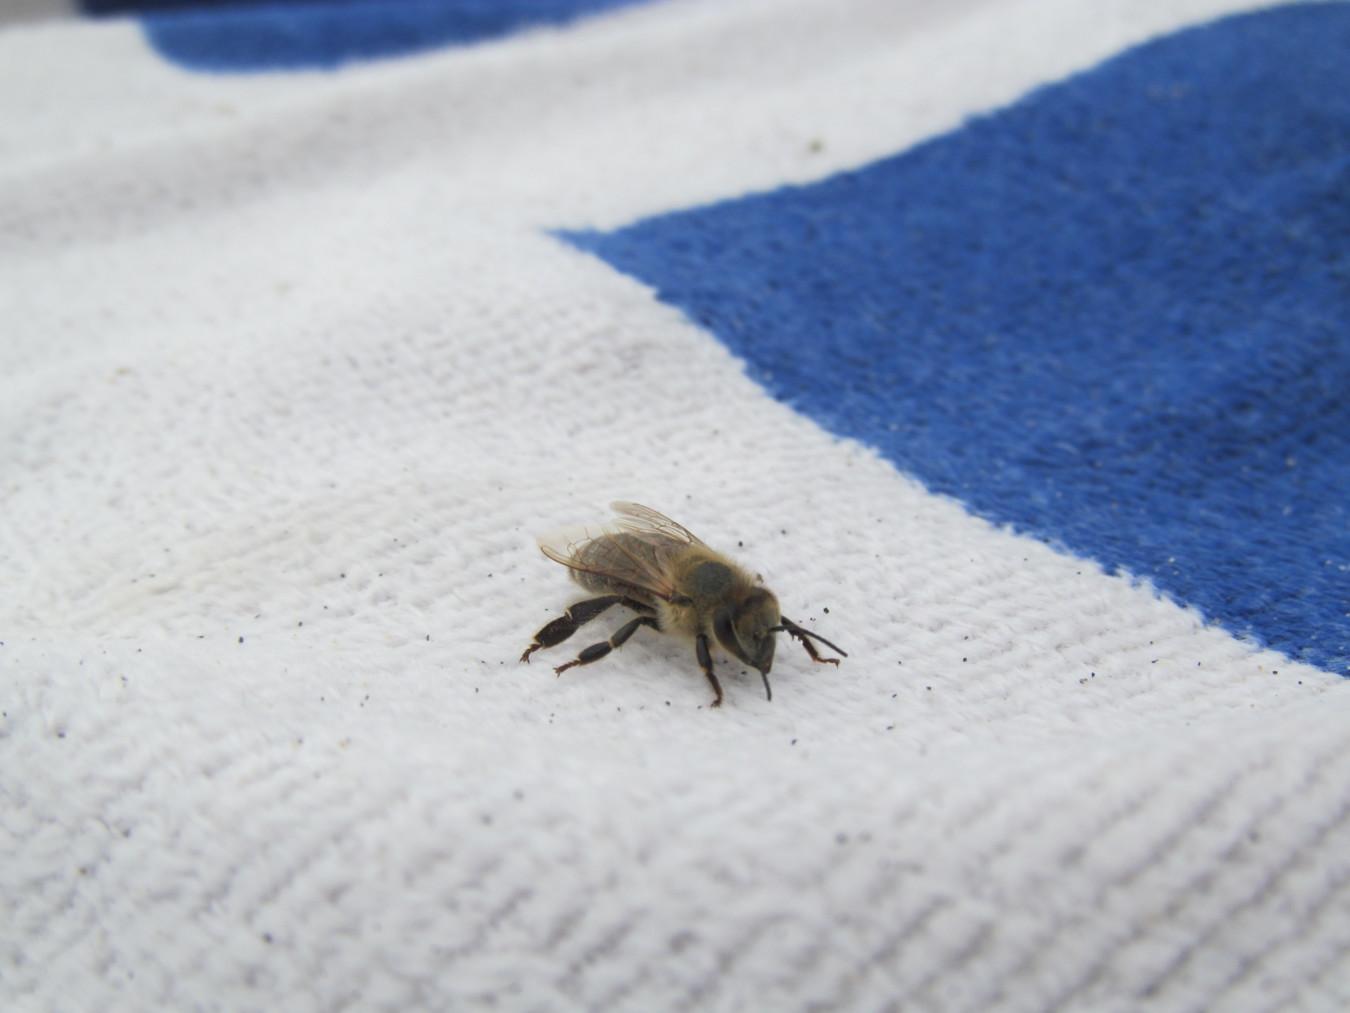 Görög méh a törölközőn (Méhek napja)